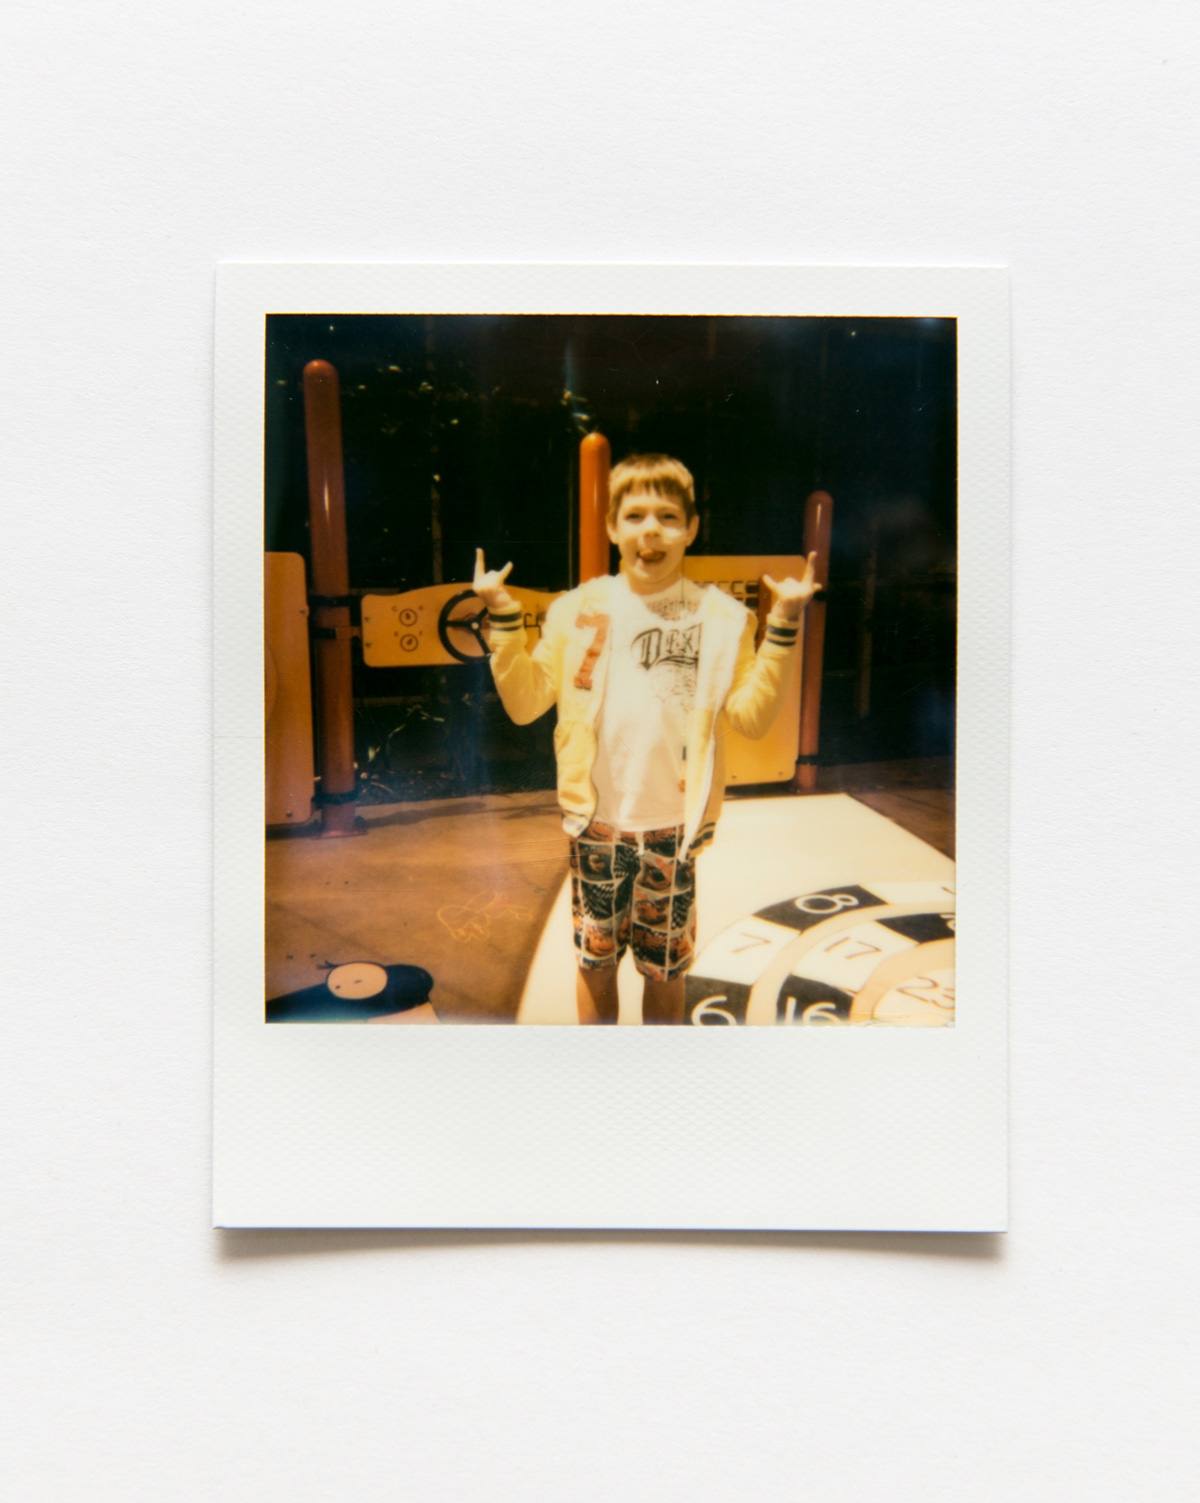 RCH-Polaroid-39